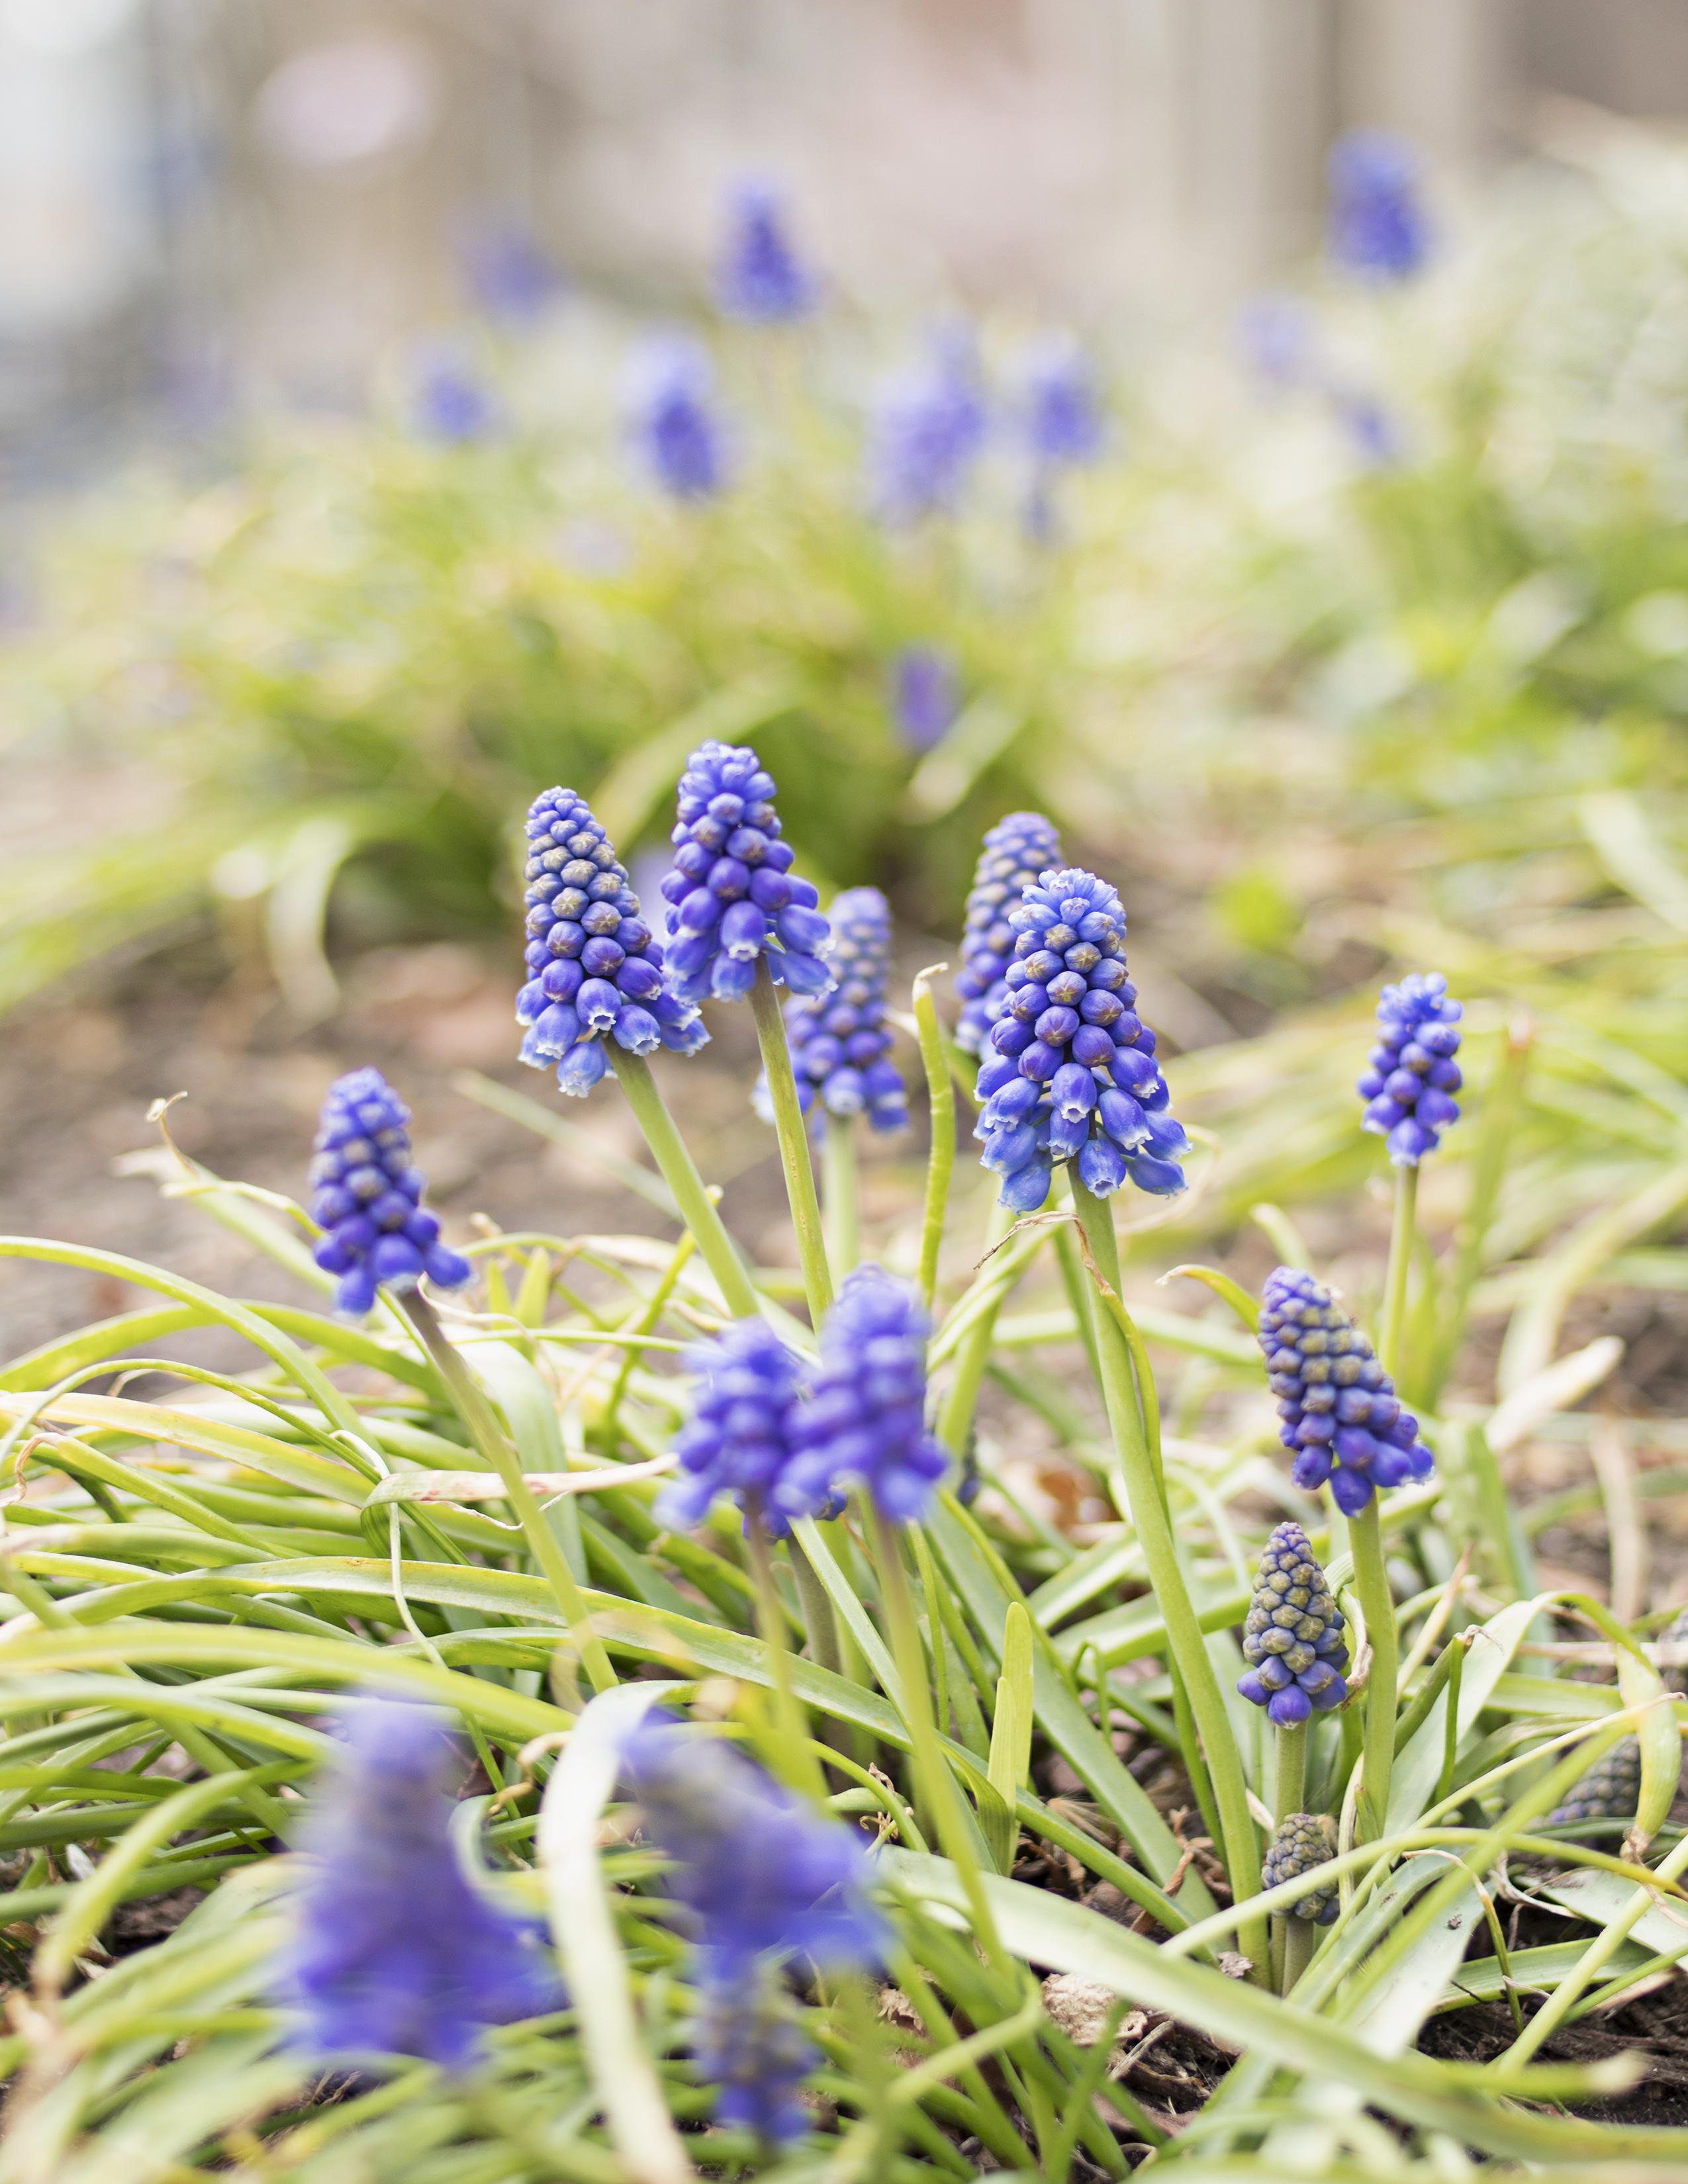 Eileen_Ko_Assignment_4_Little_Purple_Flowers_Bright_Green_Stem